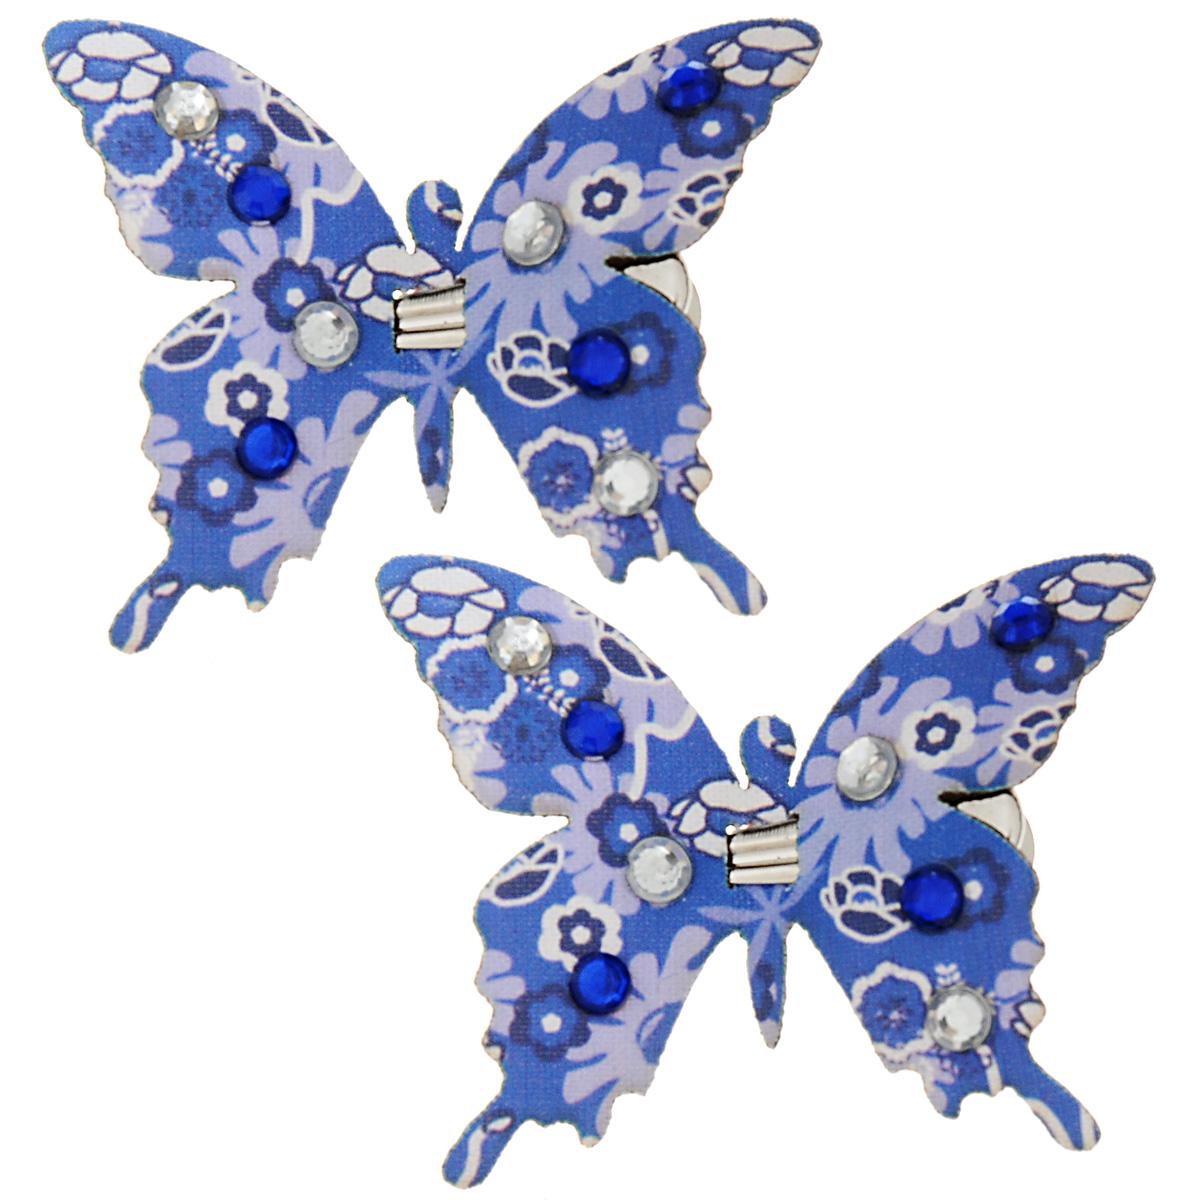 Набор декоративных элементов Hobby Time Бабочки, цвет: синий, 5 см х 4,5 см, 2 шт. 77054937705493Набор декоративных элементов Hobby Time Бабочки, изготовленный из текстиля, предназначен для декорирования. Он может пригодиться в оформлении одежды, предметов интерьера, подарков, цветочных букетов, а также в скрапбукинге. В наборе - 2 элемента. Изделия выполнены в виде бабочек, декорированных цветочным принтом и стразами. С оборотной стороны бабочки оснащены металлическими клипсами.